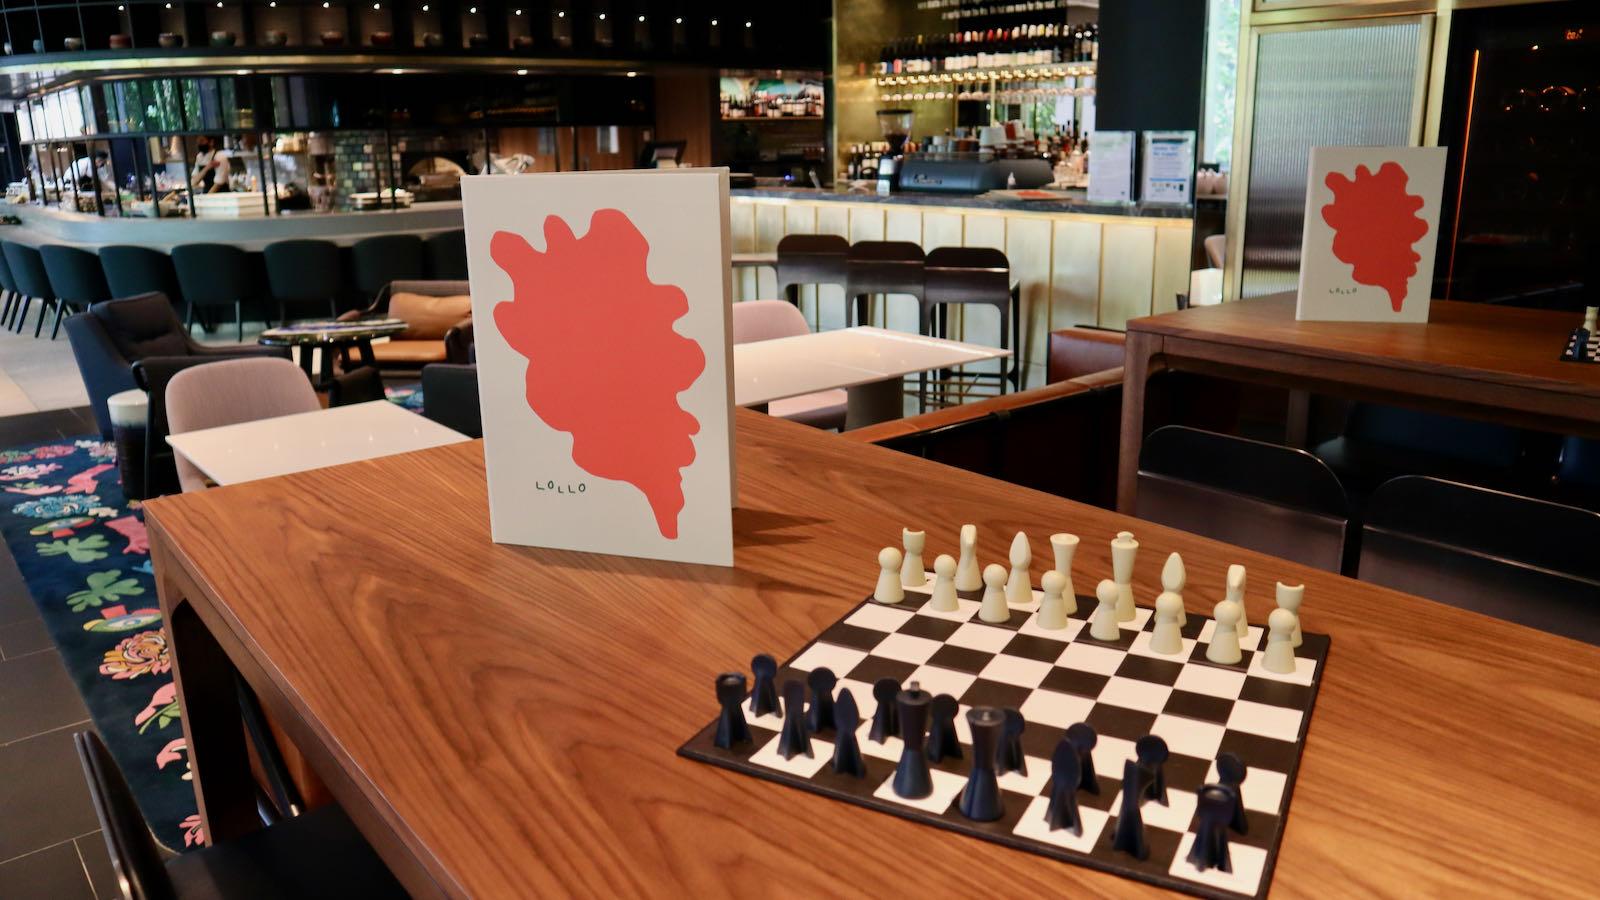 W Melbourne Lollo Restaurant